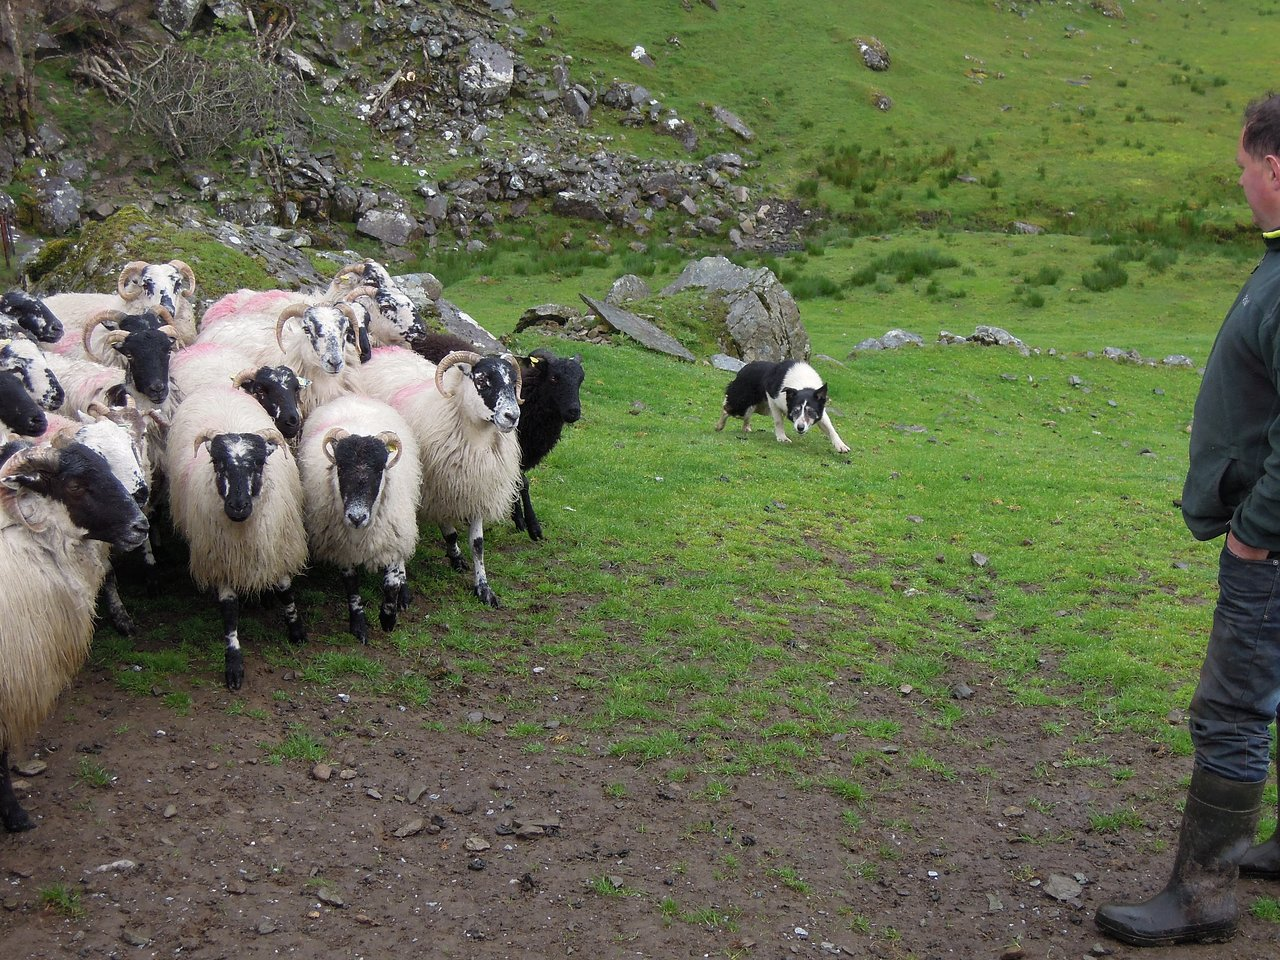 Kissane Sheep Farm (County Kerry) - County Kerry, Ireland